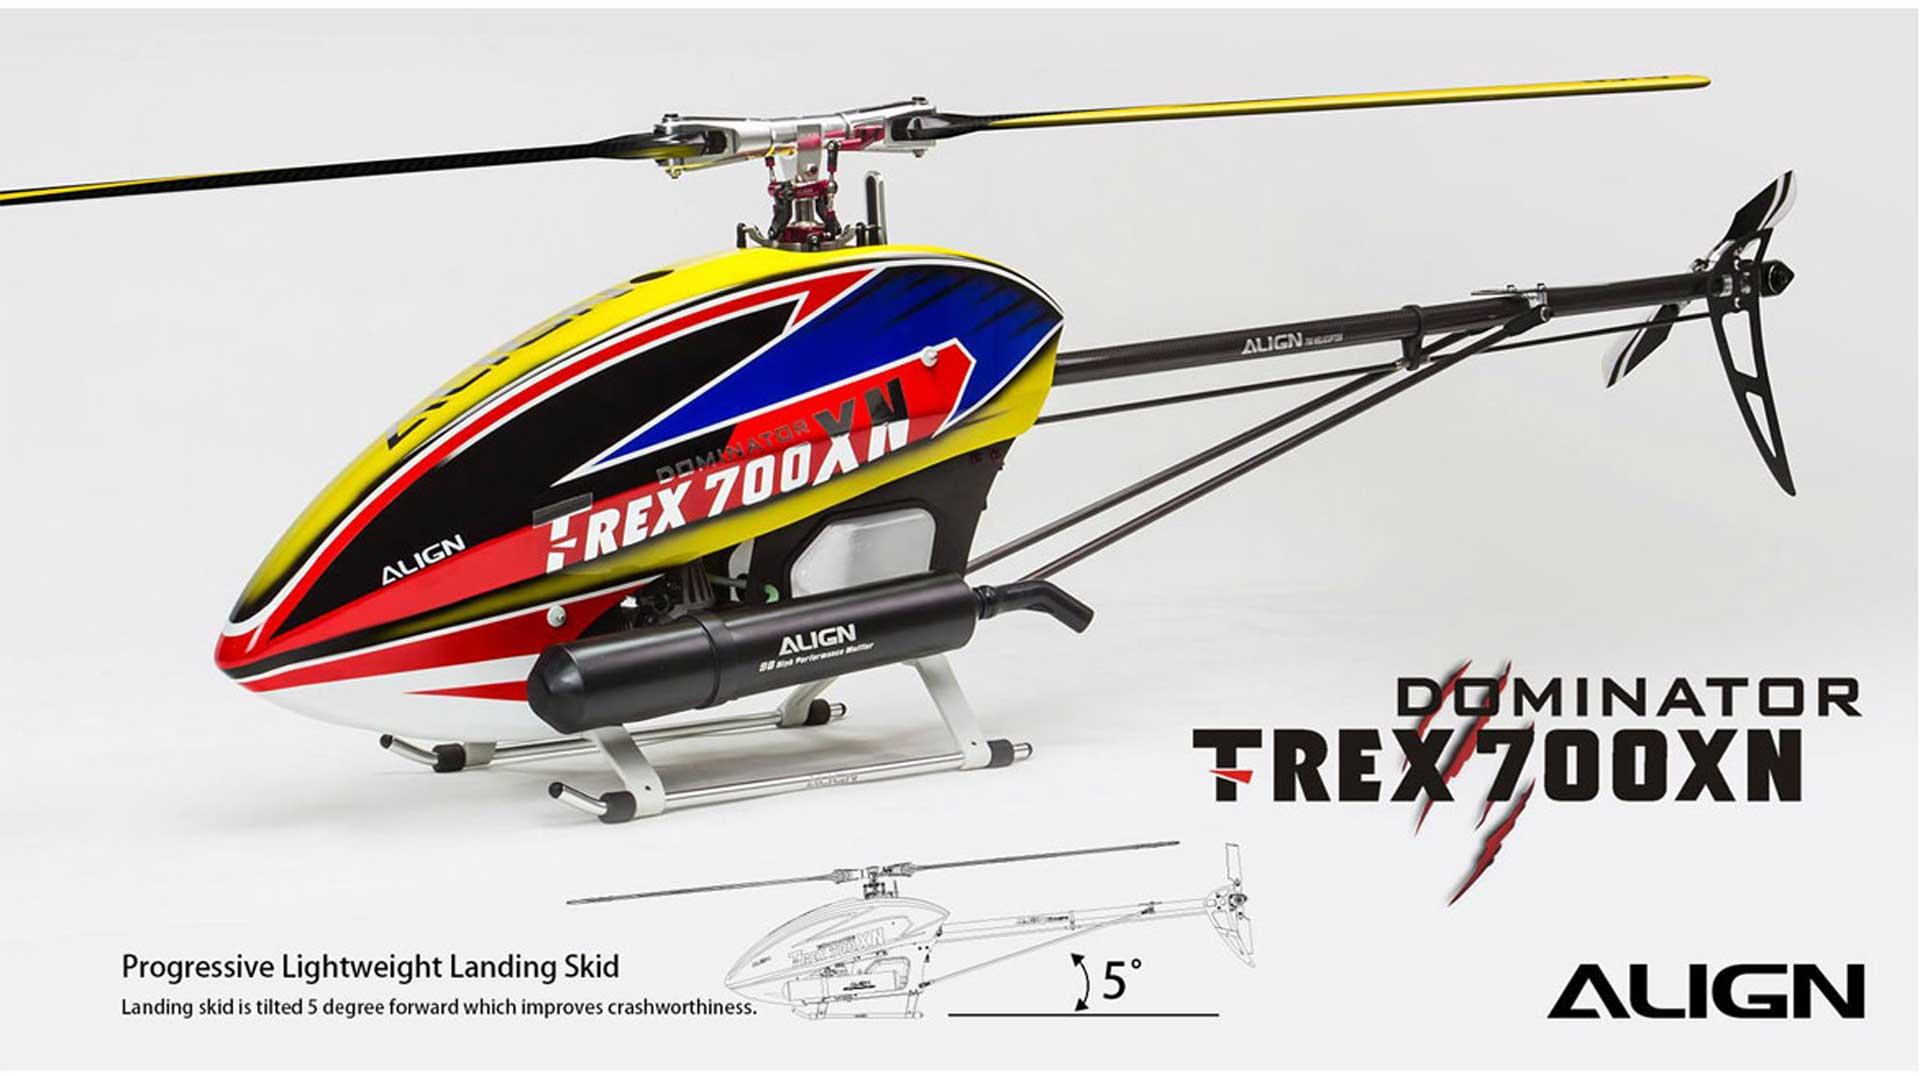 ALIGN T-REX 700XN DOMINATOR COMBO Hubschrauber / Helikopter